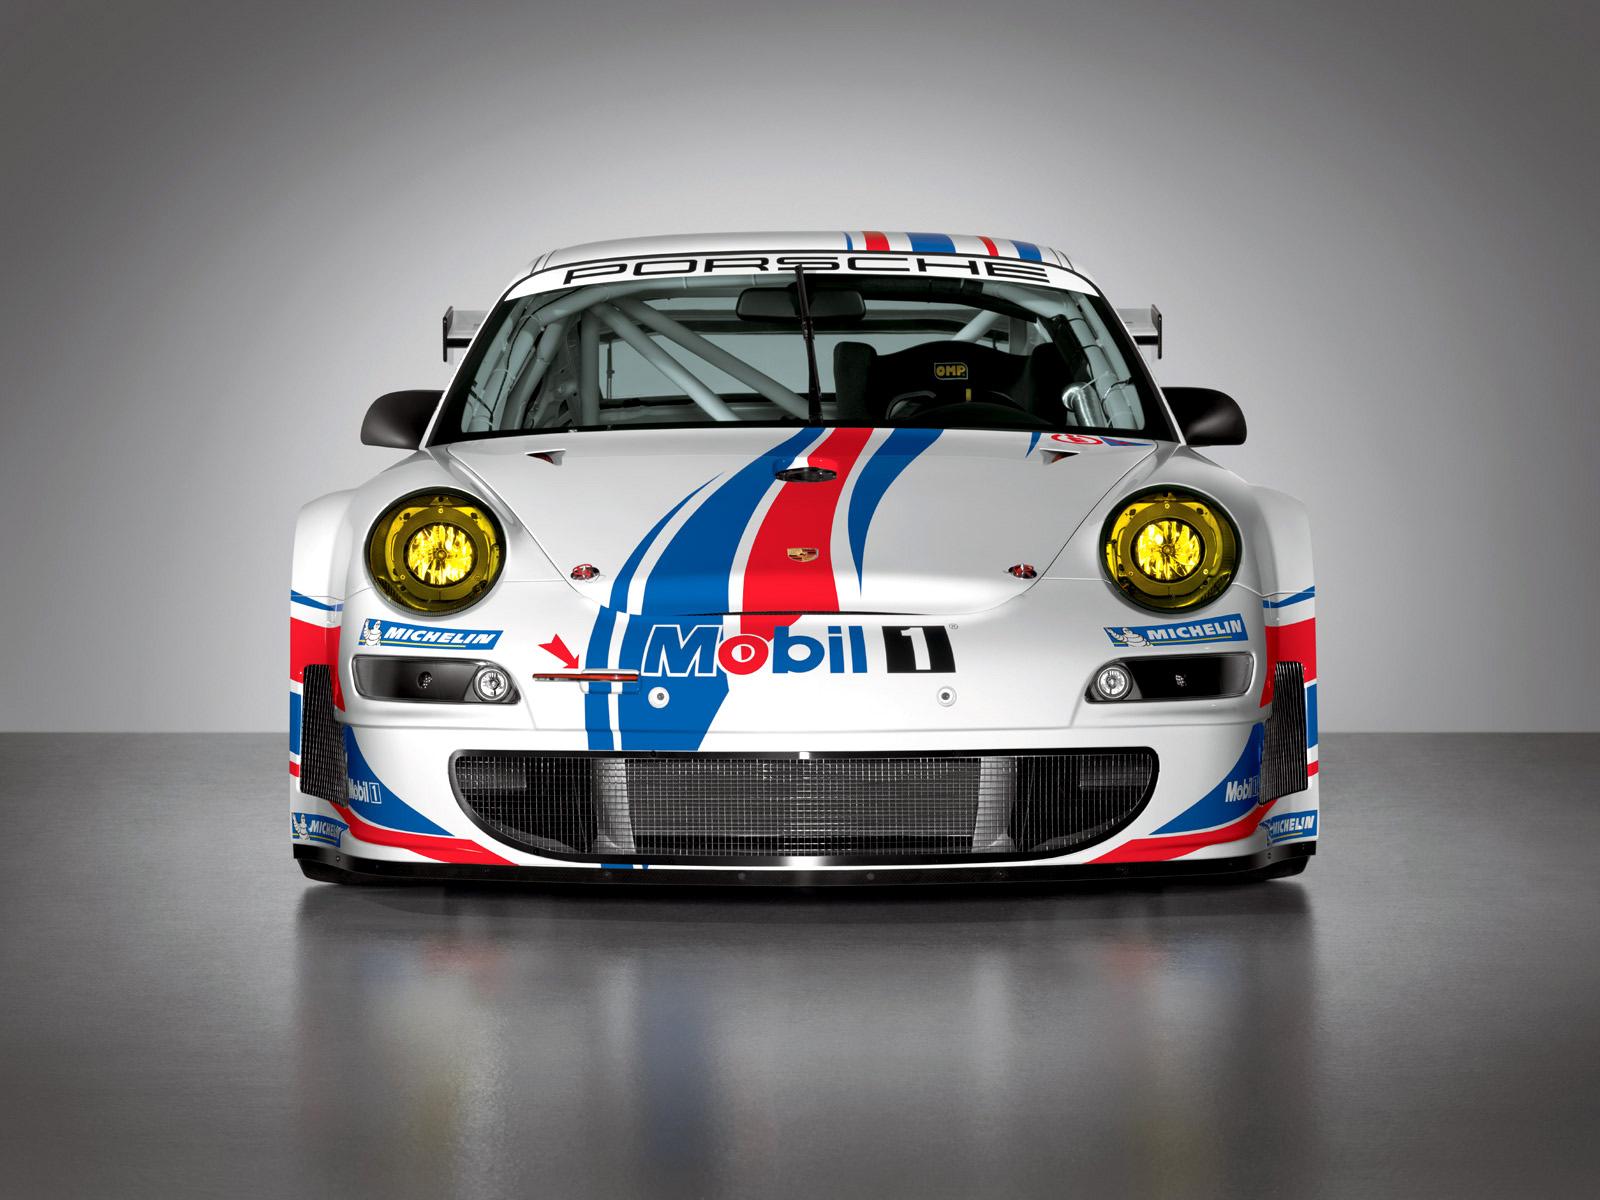 2006 Porsche 911 GT3 RSR 997 race racing supercar ...